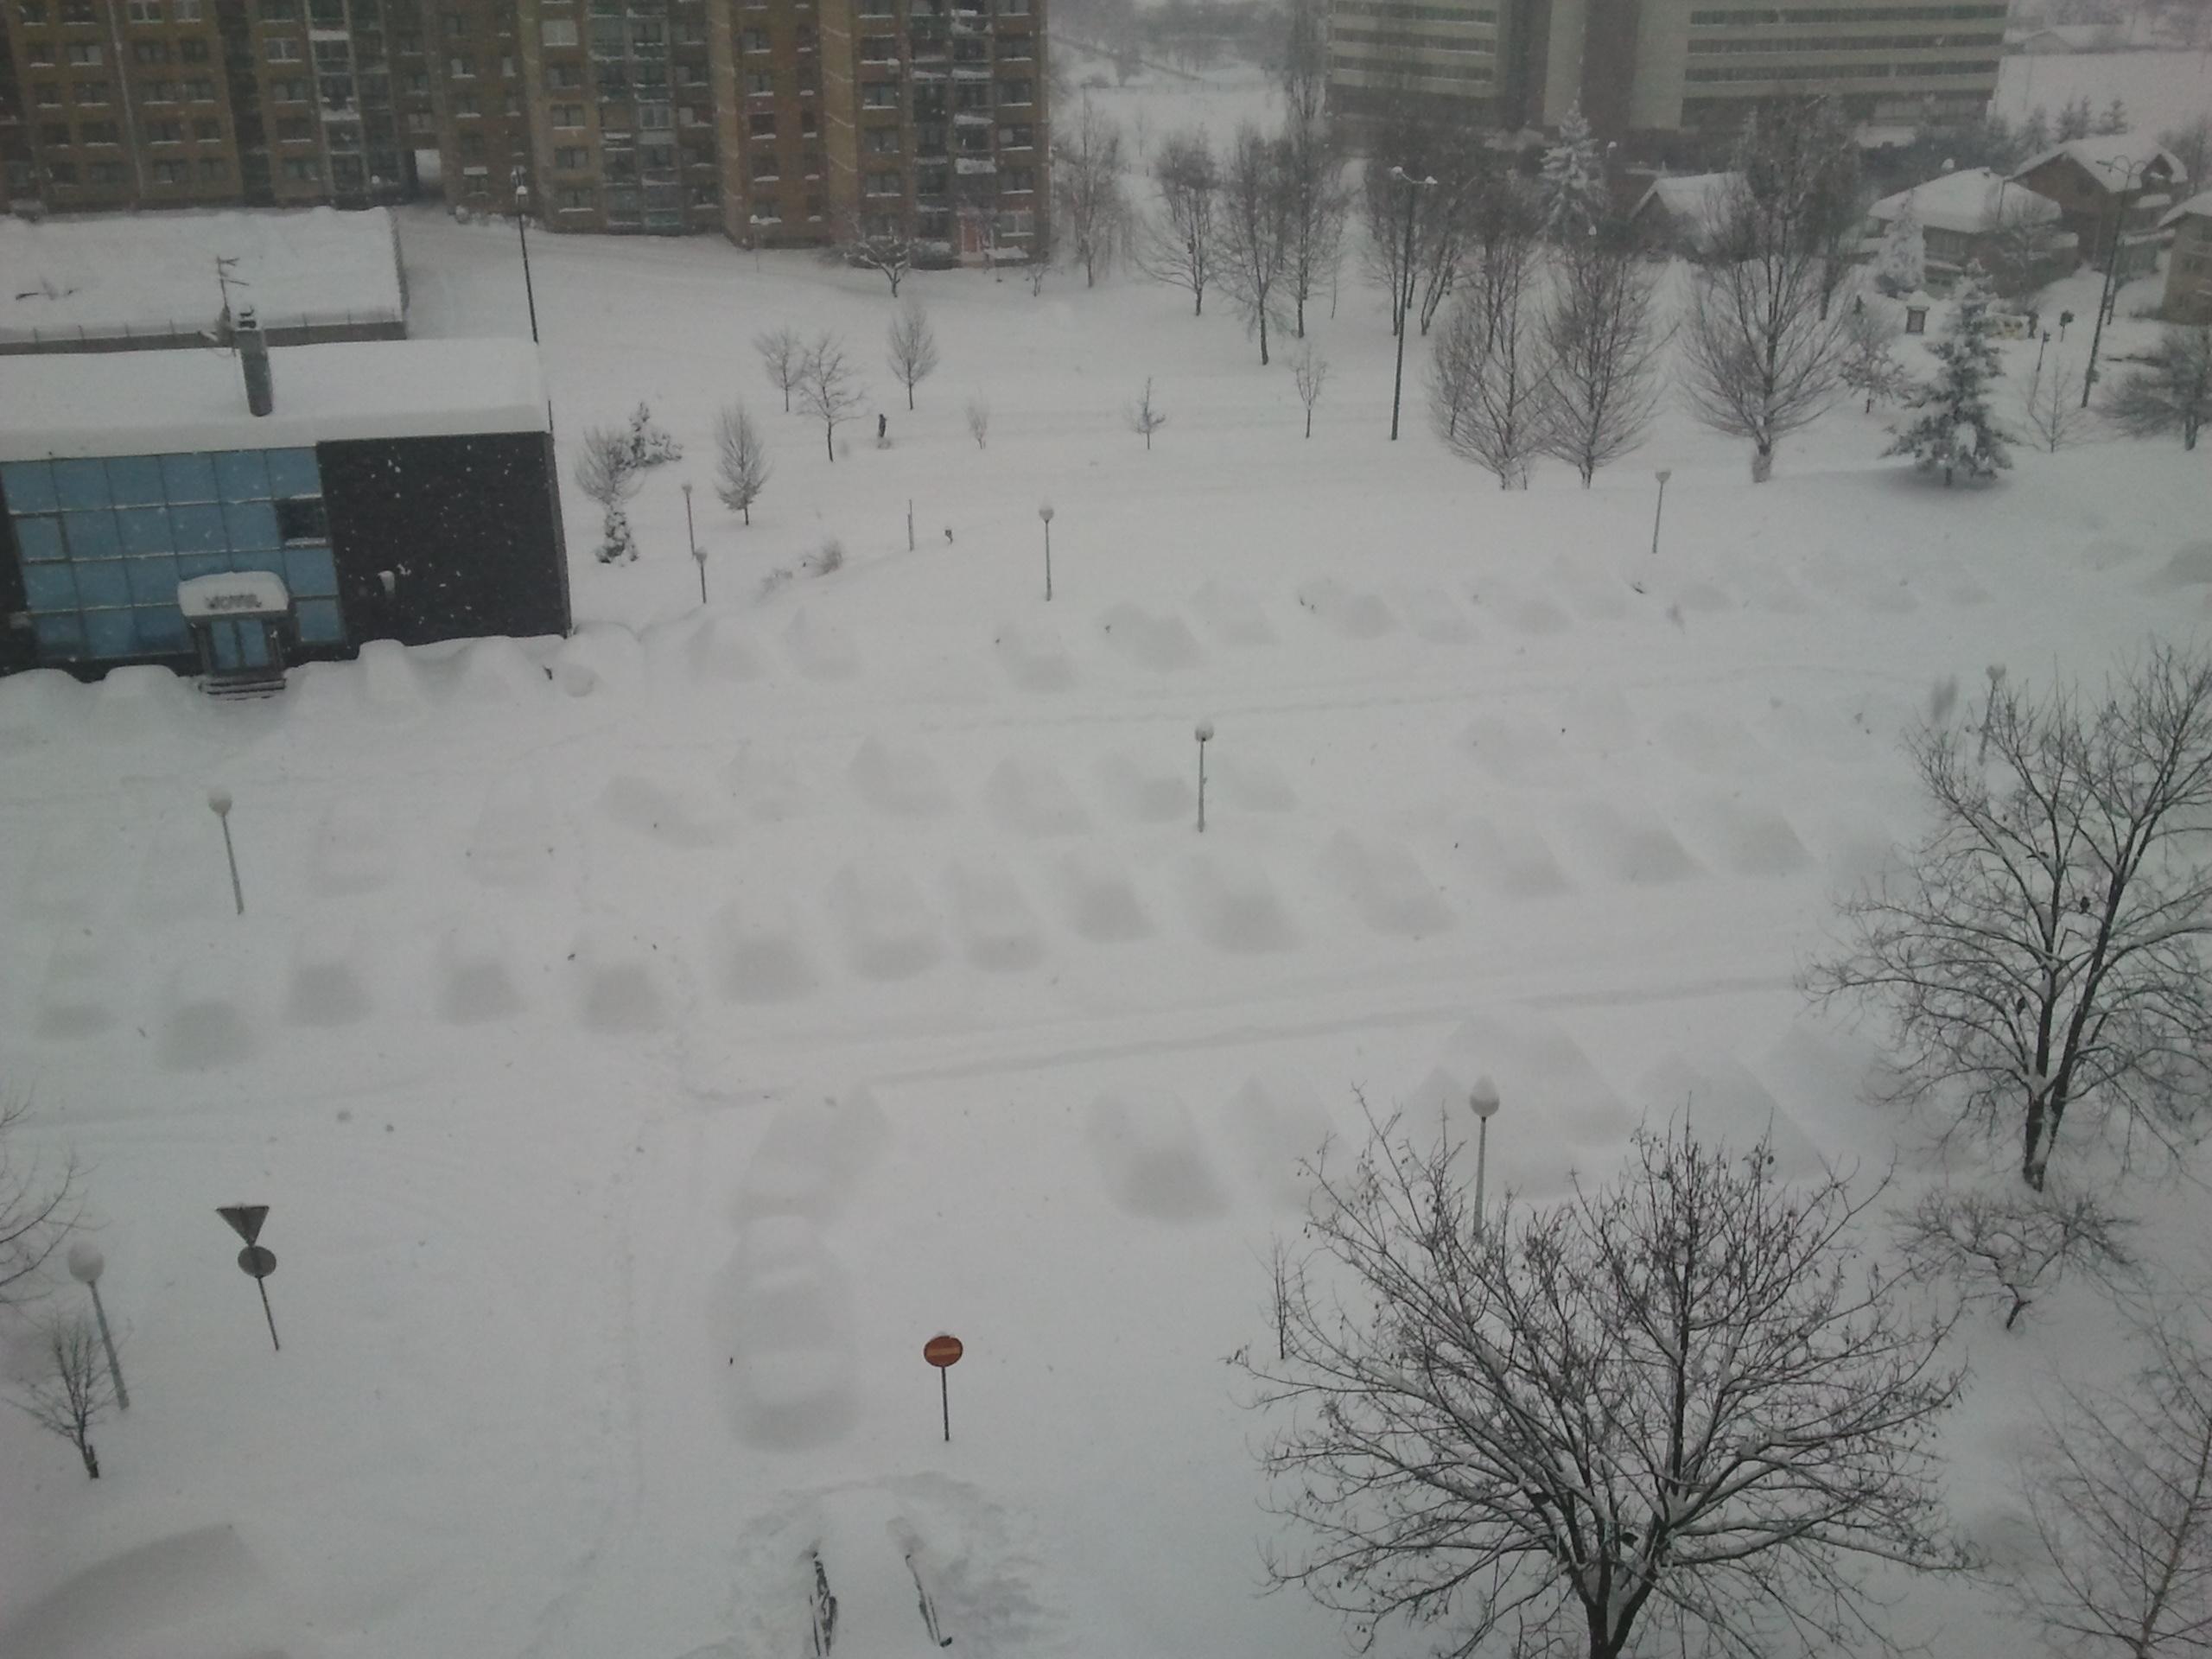 neige_sarajevo5.jpg